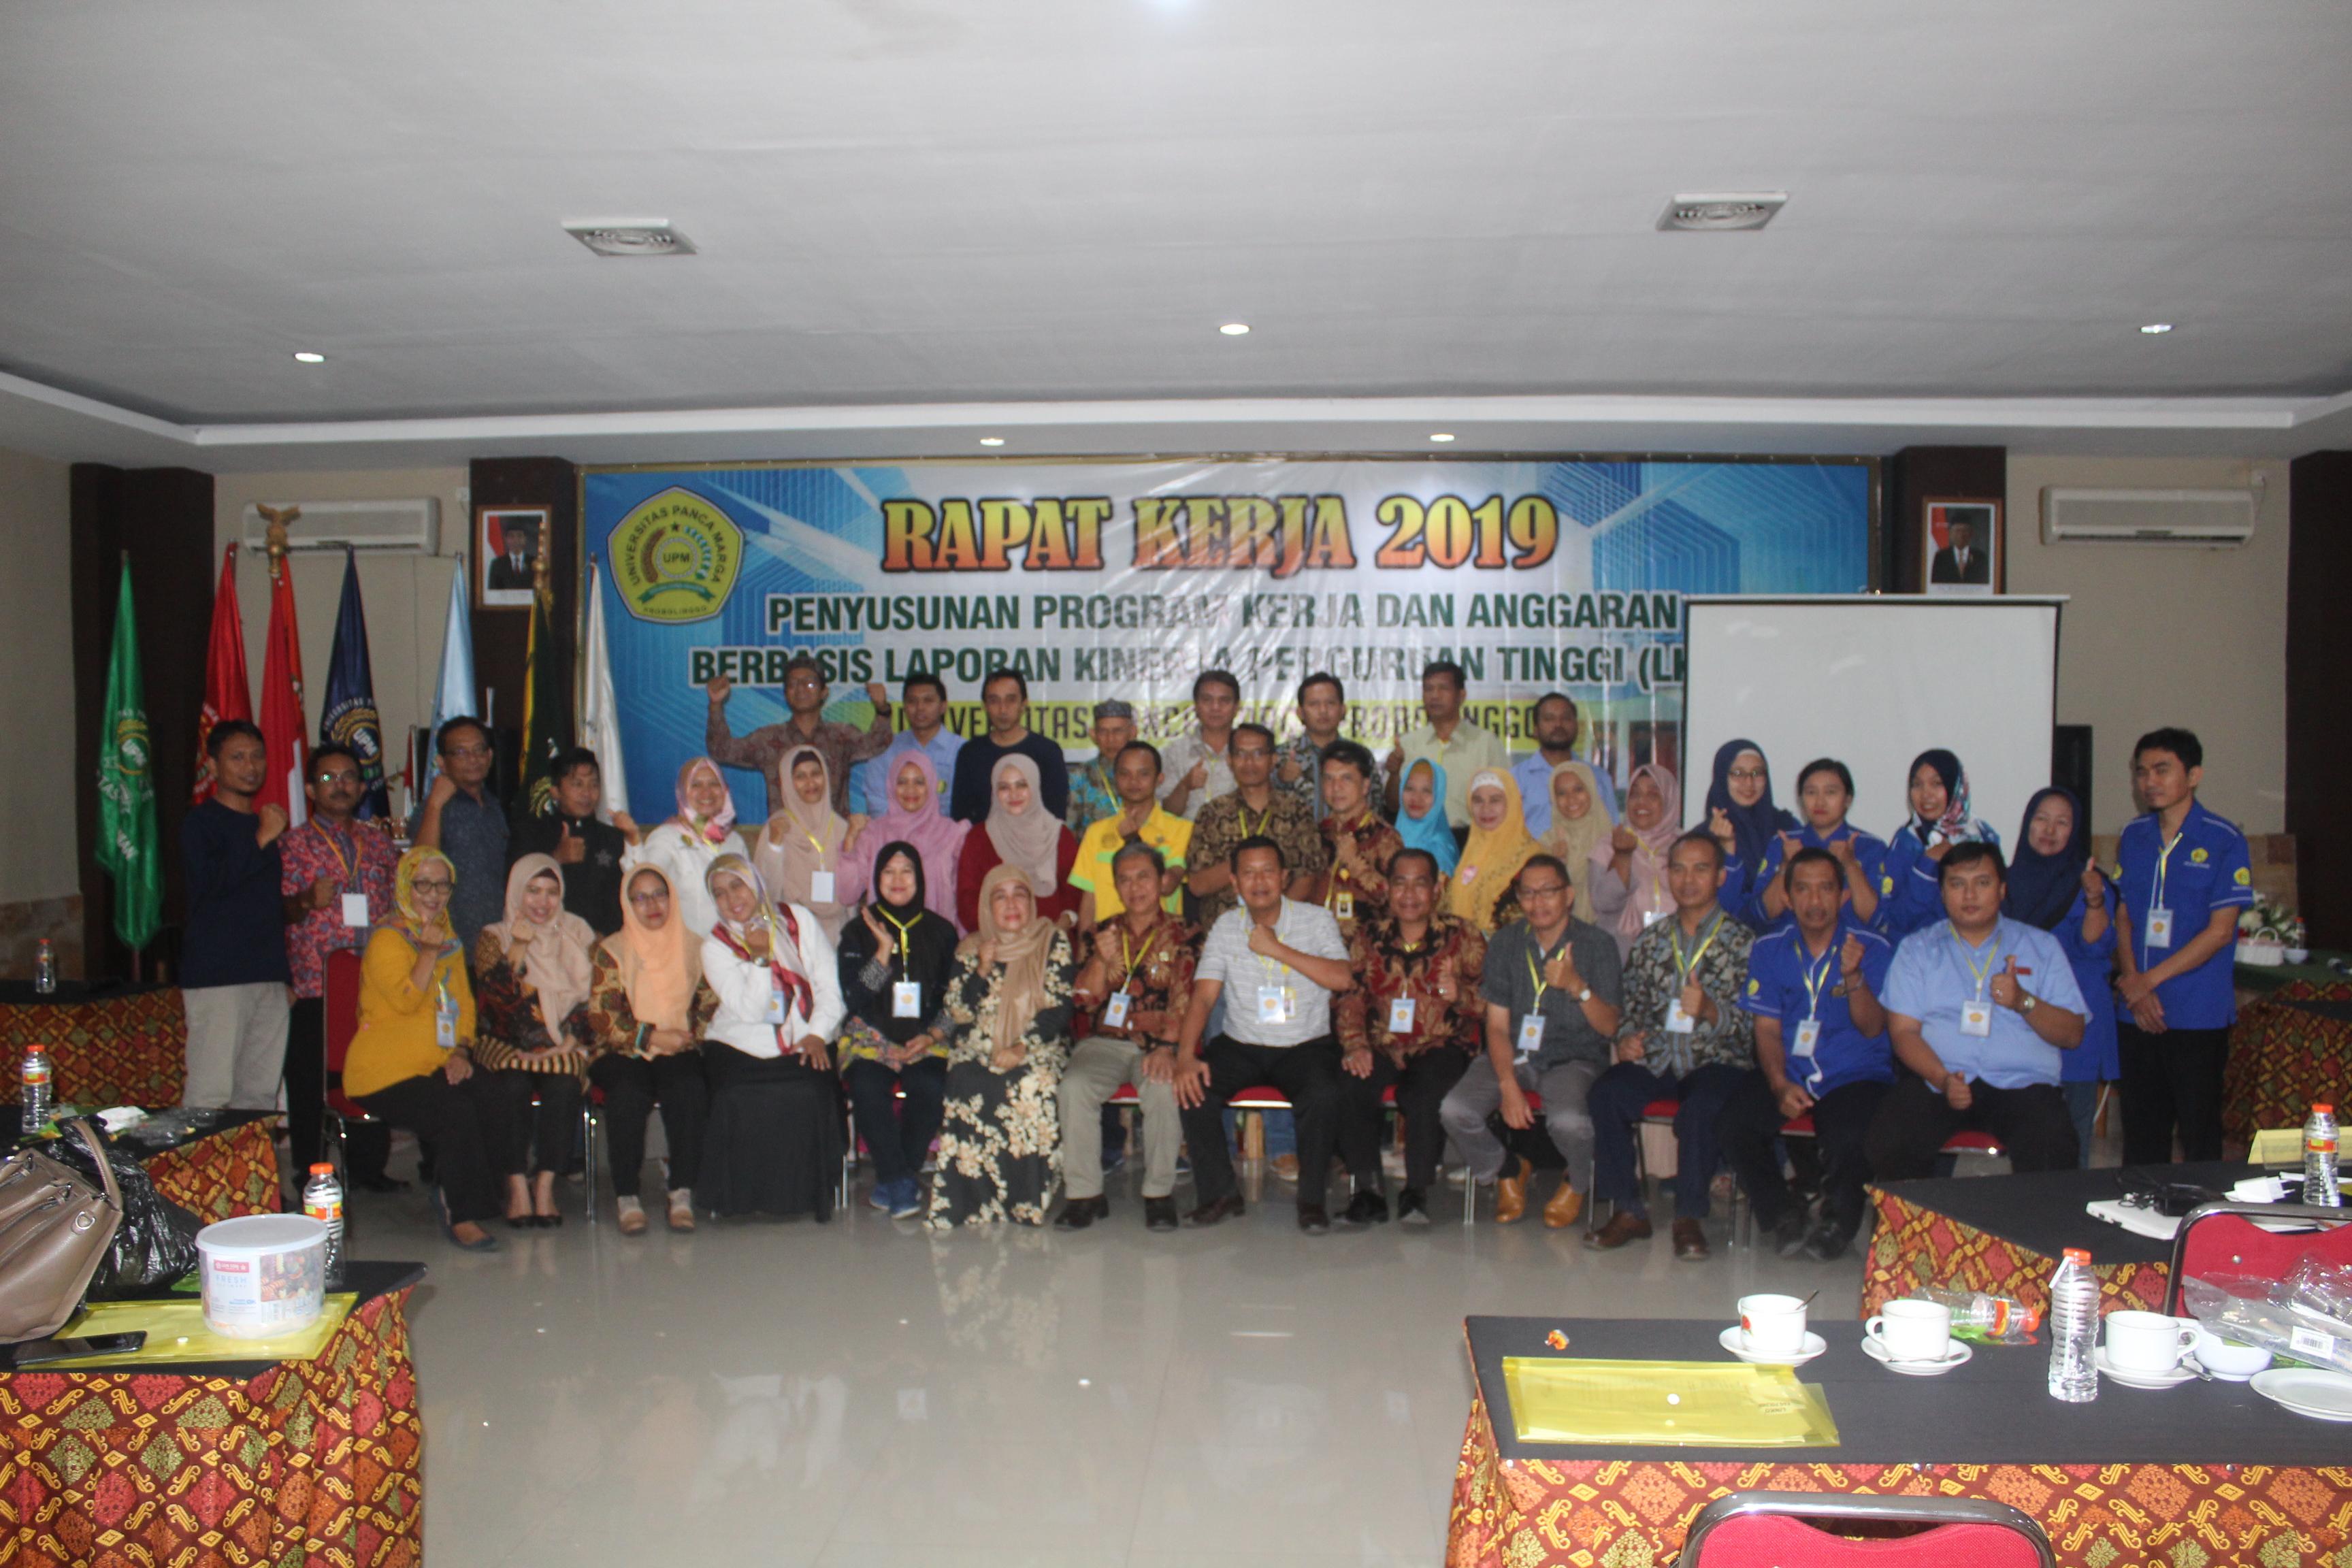 UPM Probolinggo gelar Rapat Kerja Penyusunan Program Kerja dan Anggaran T.A 2019-2020